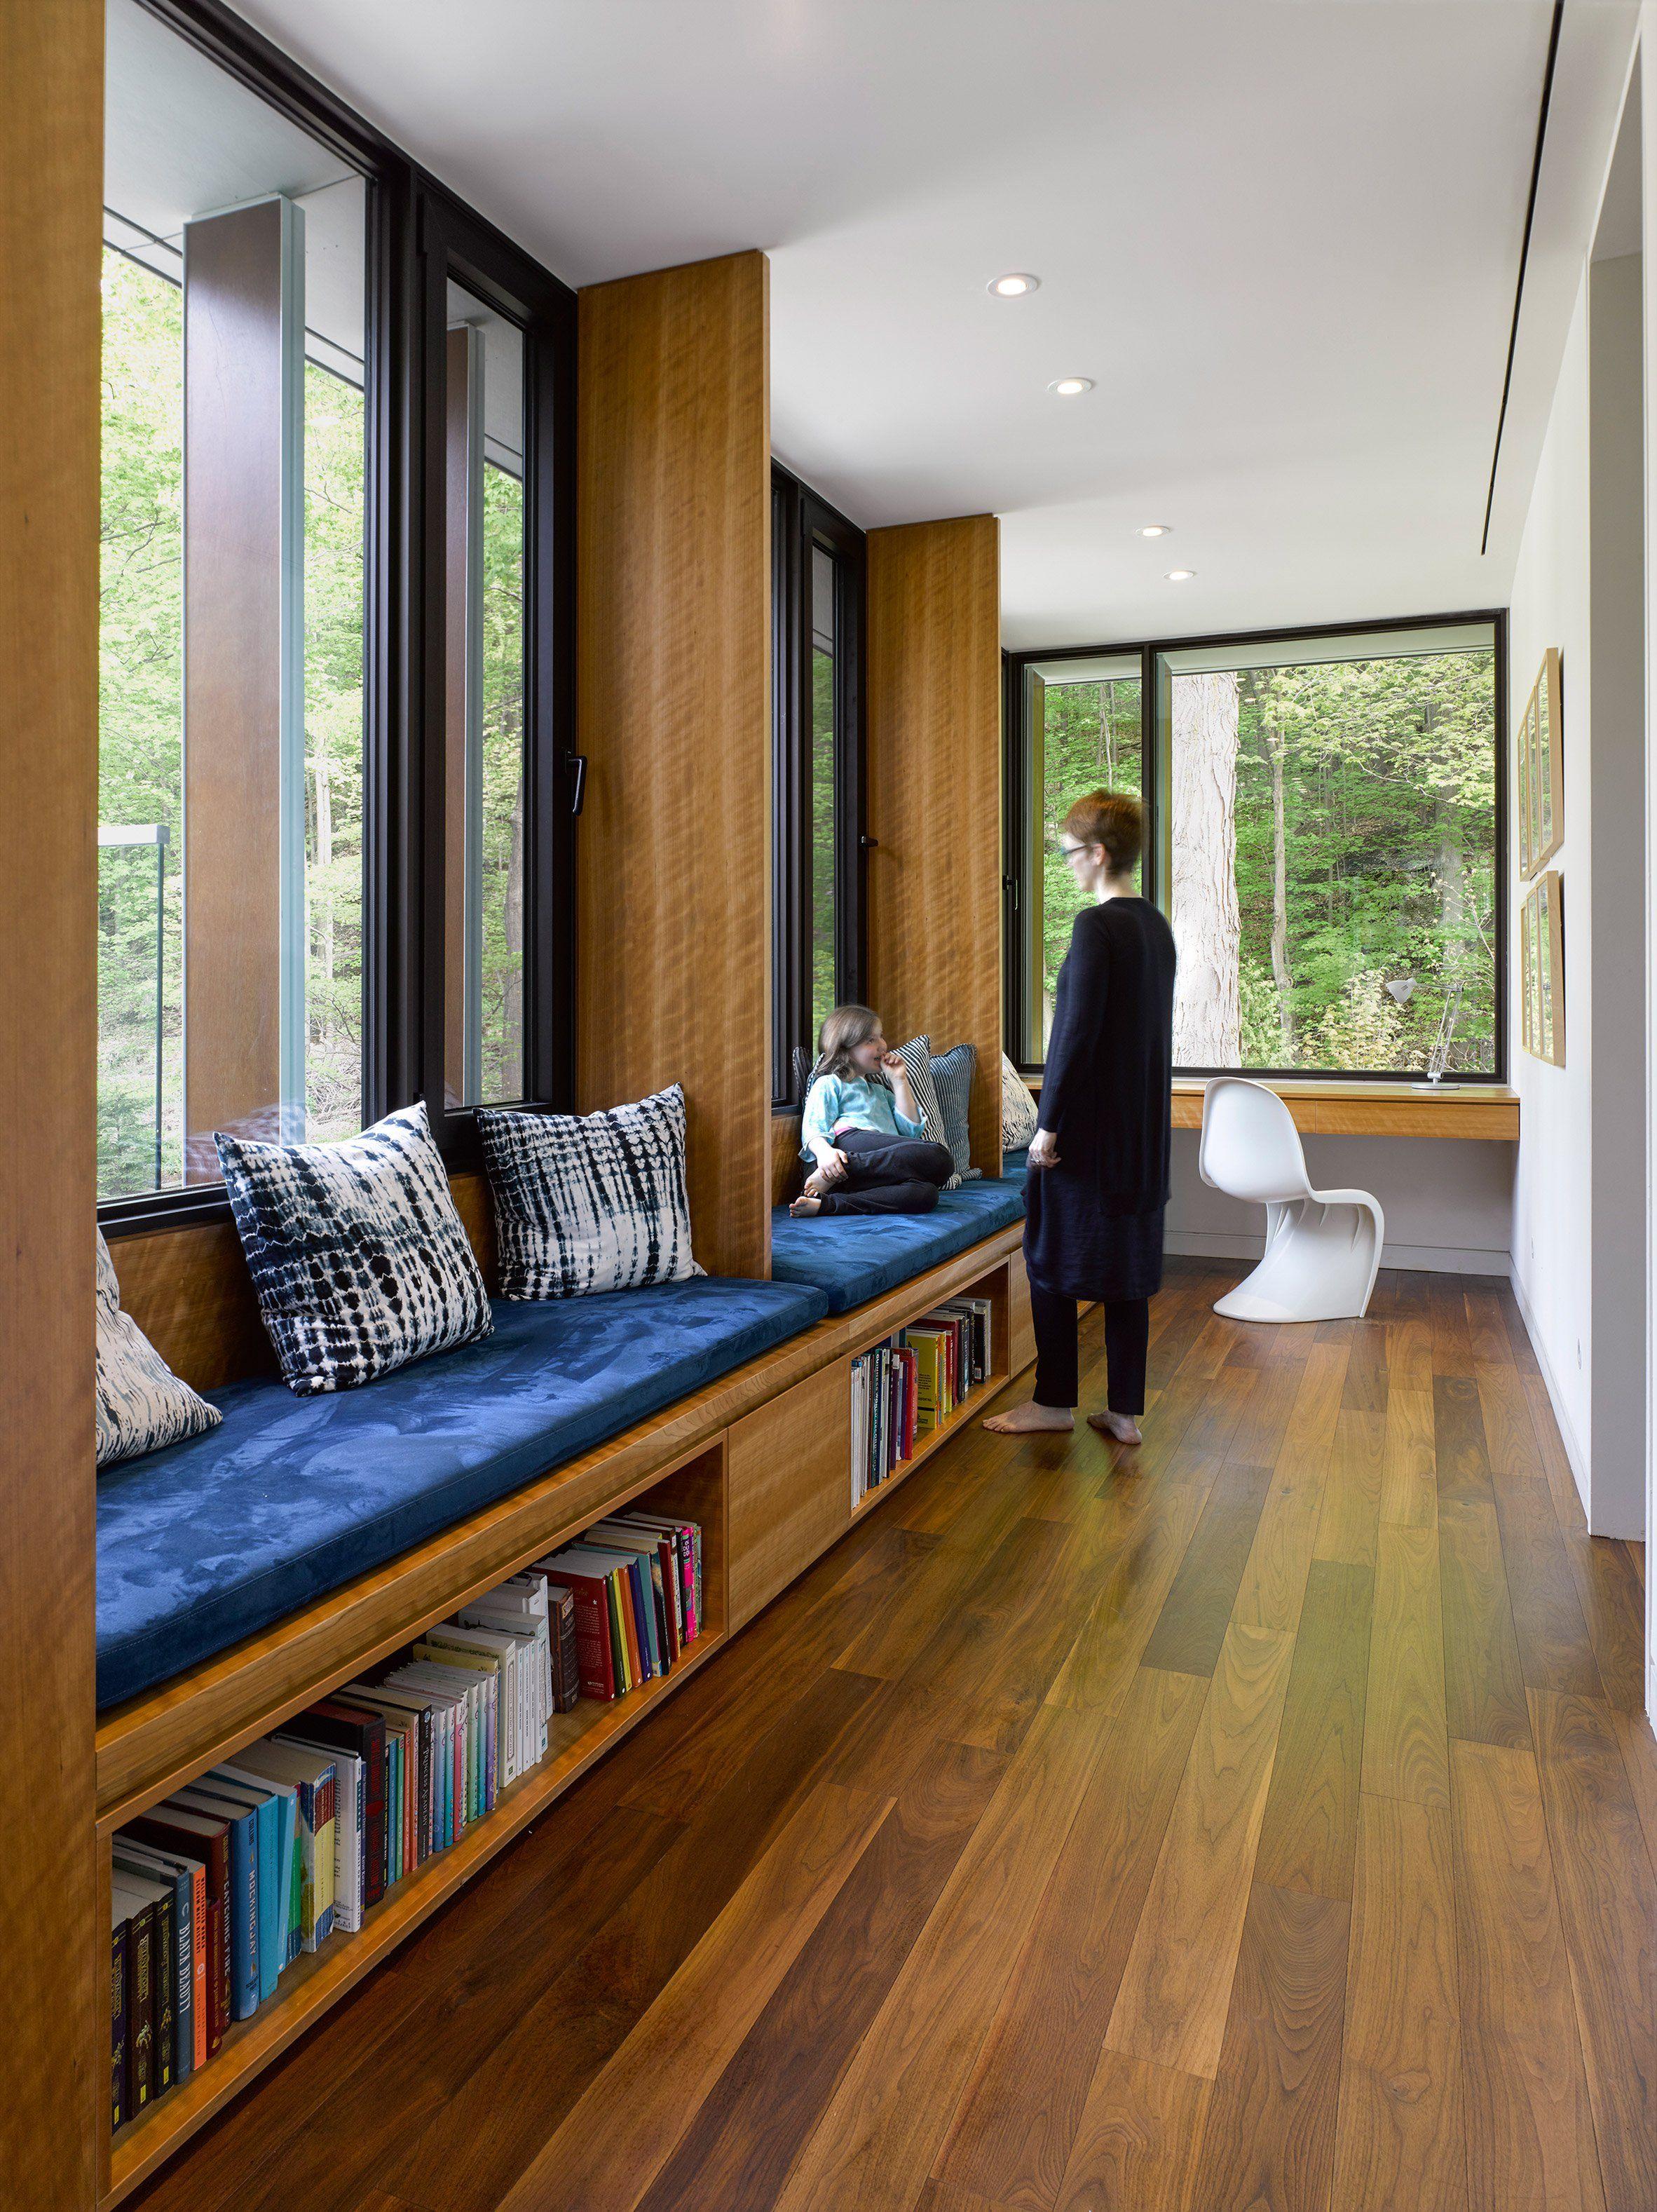 Pin von Antal Kiss auf Interior design | Pinterest | Mini-häuser ...